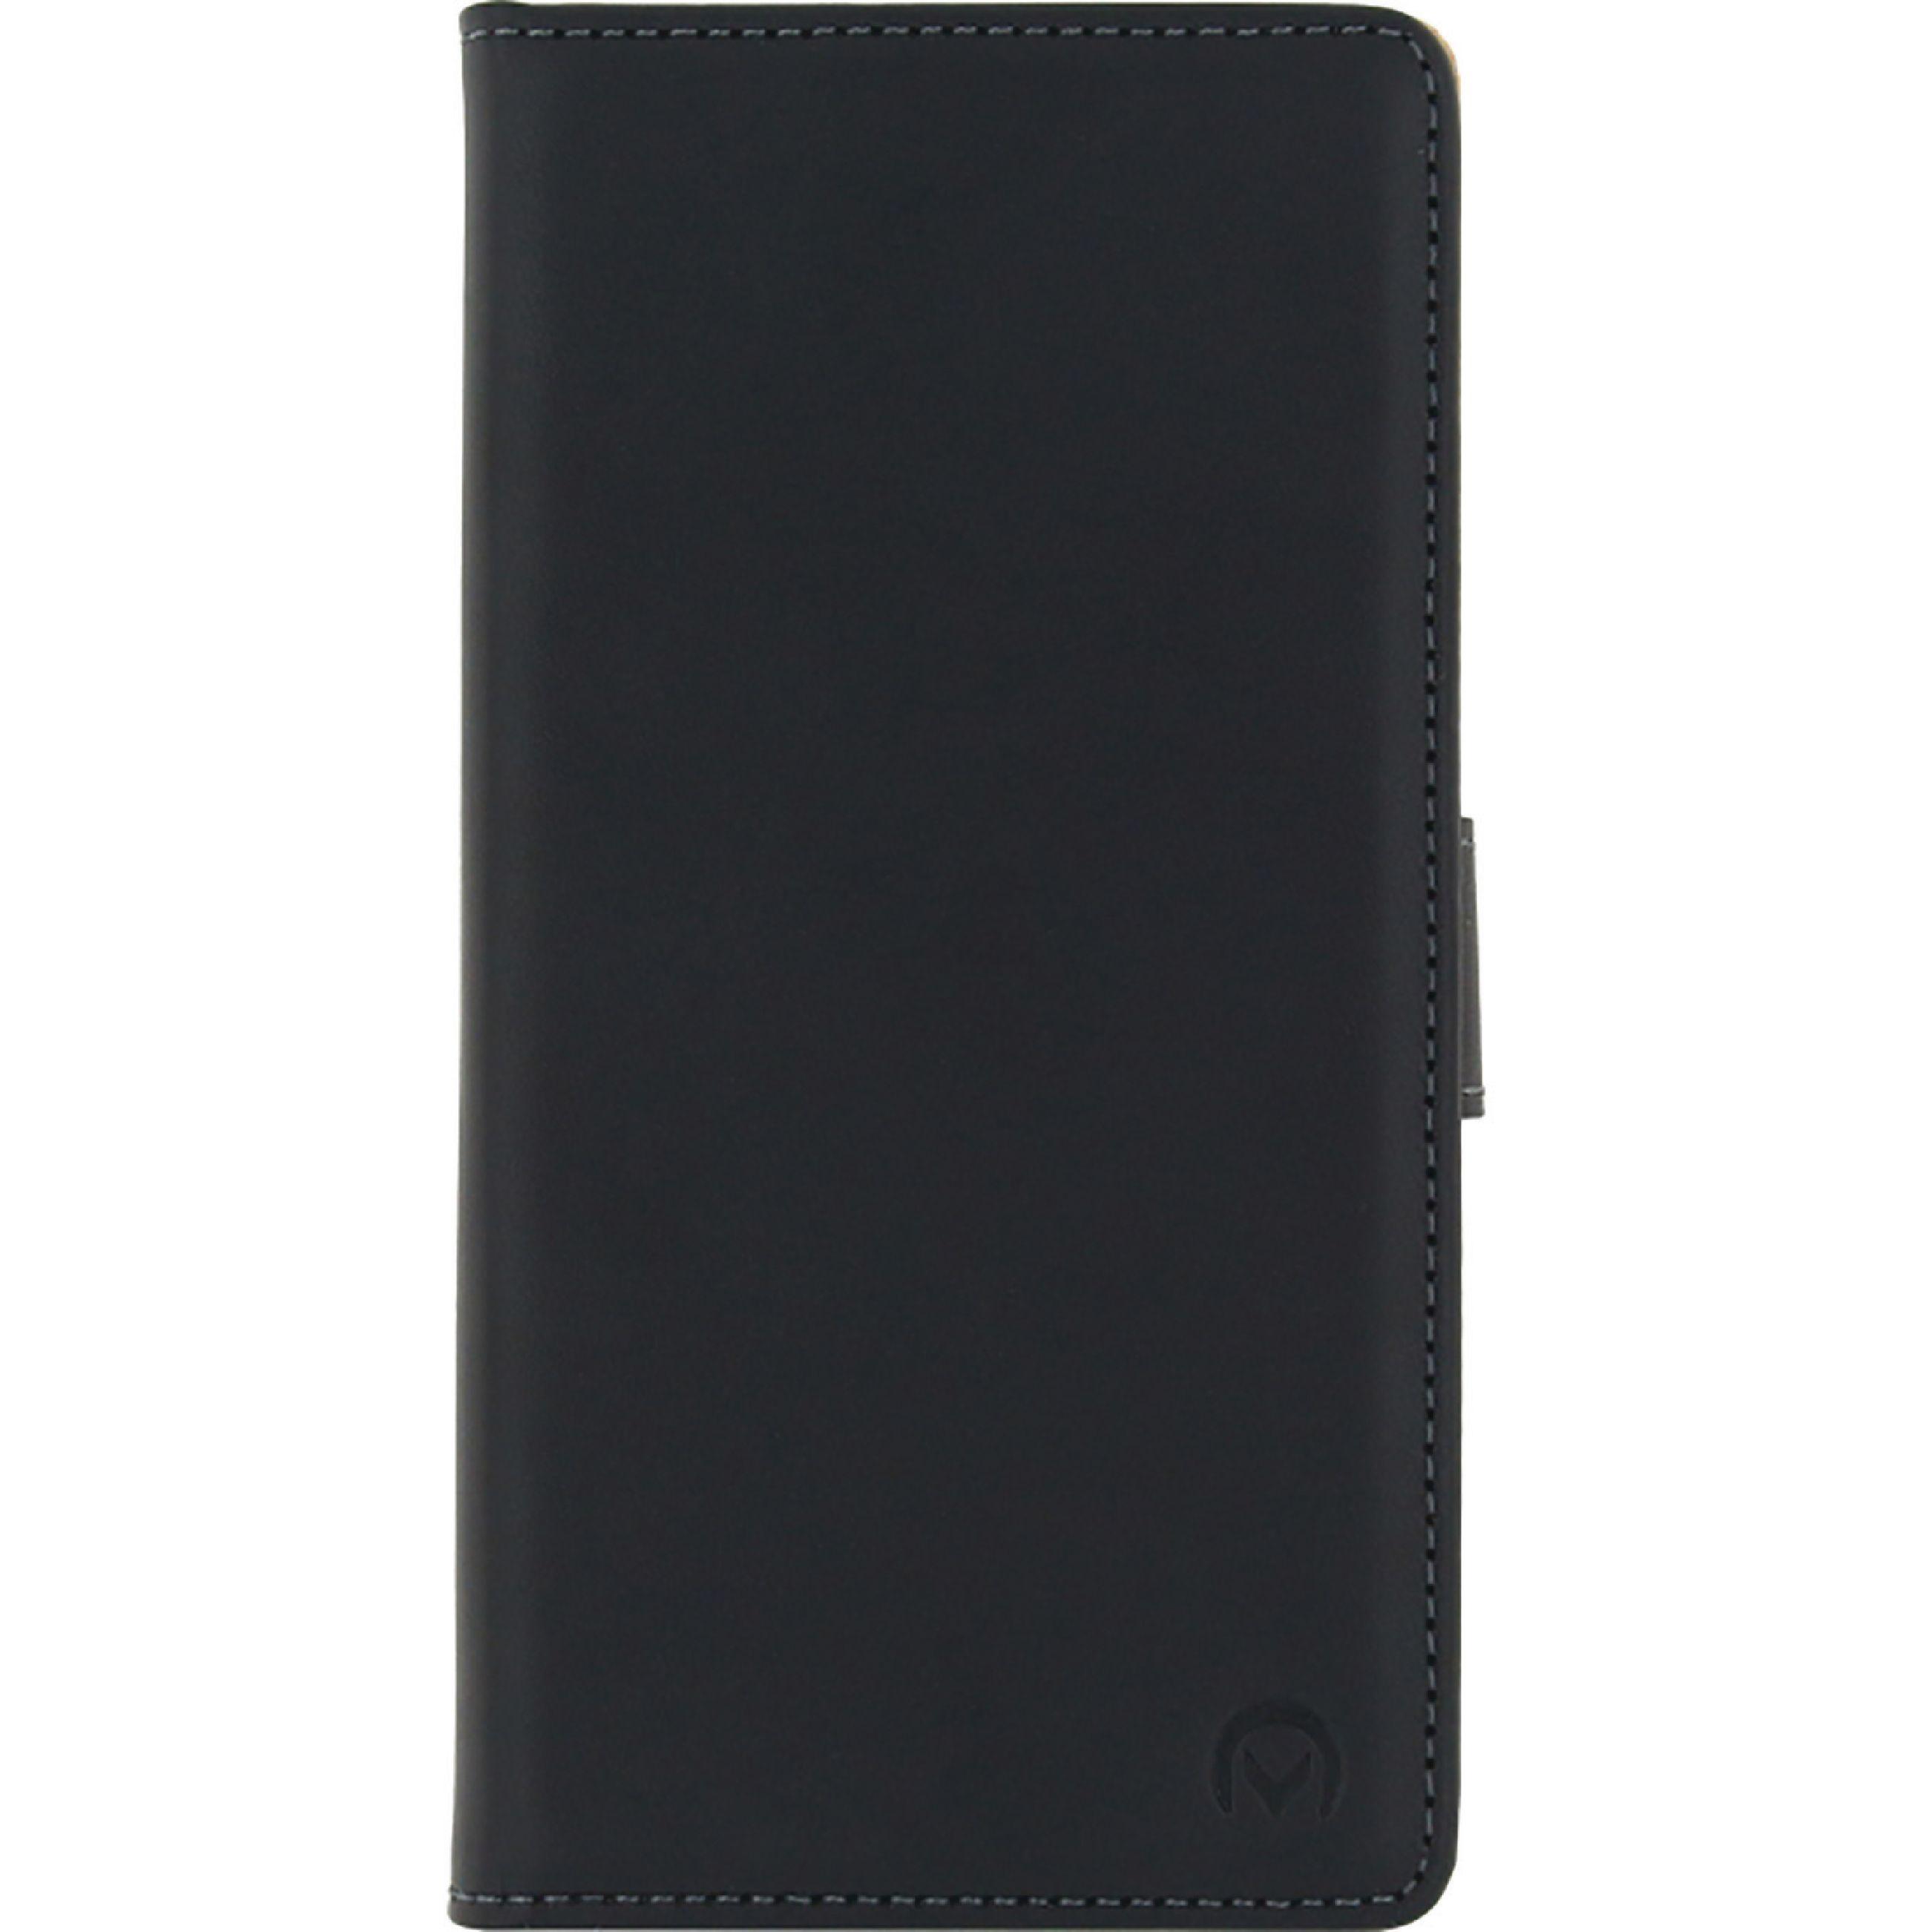 Image of   Telefon Klassisk Lommebogsetui Huawei Y6 II Sort